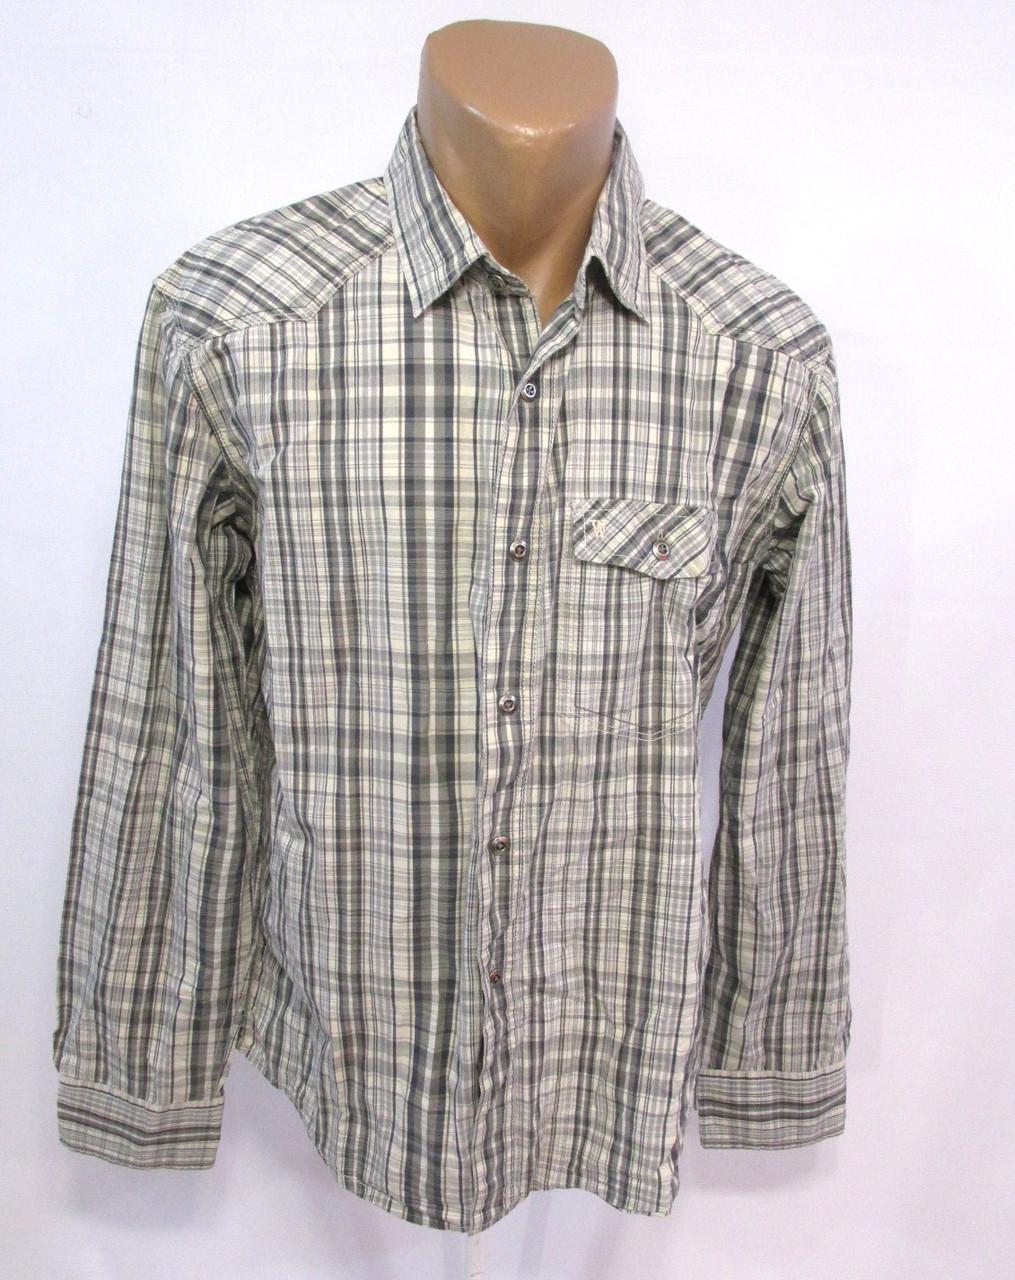 Рубашка винтажная Wrangler, 41 (M), Хлопок, Отл. сост!